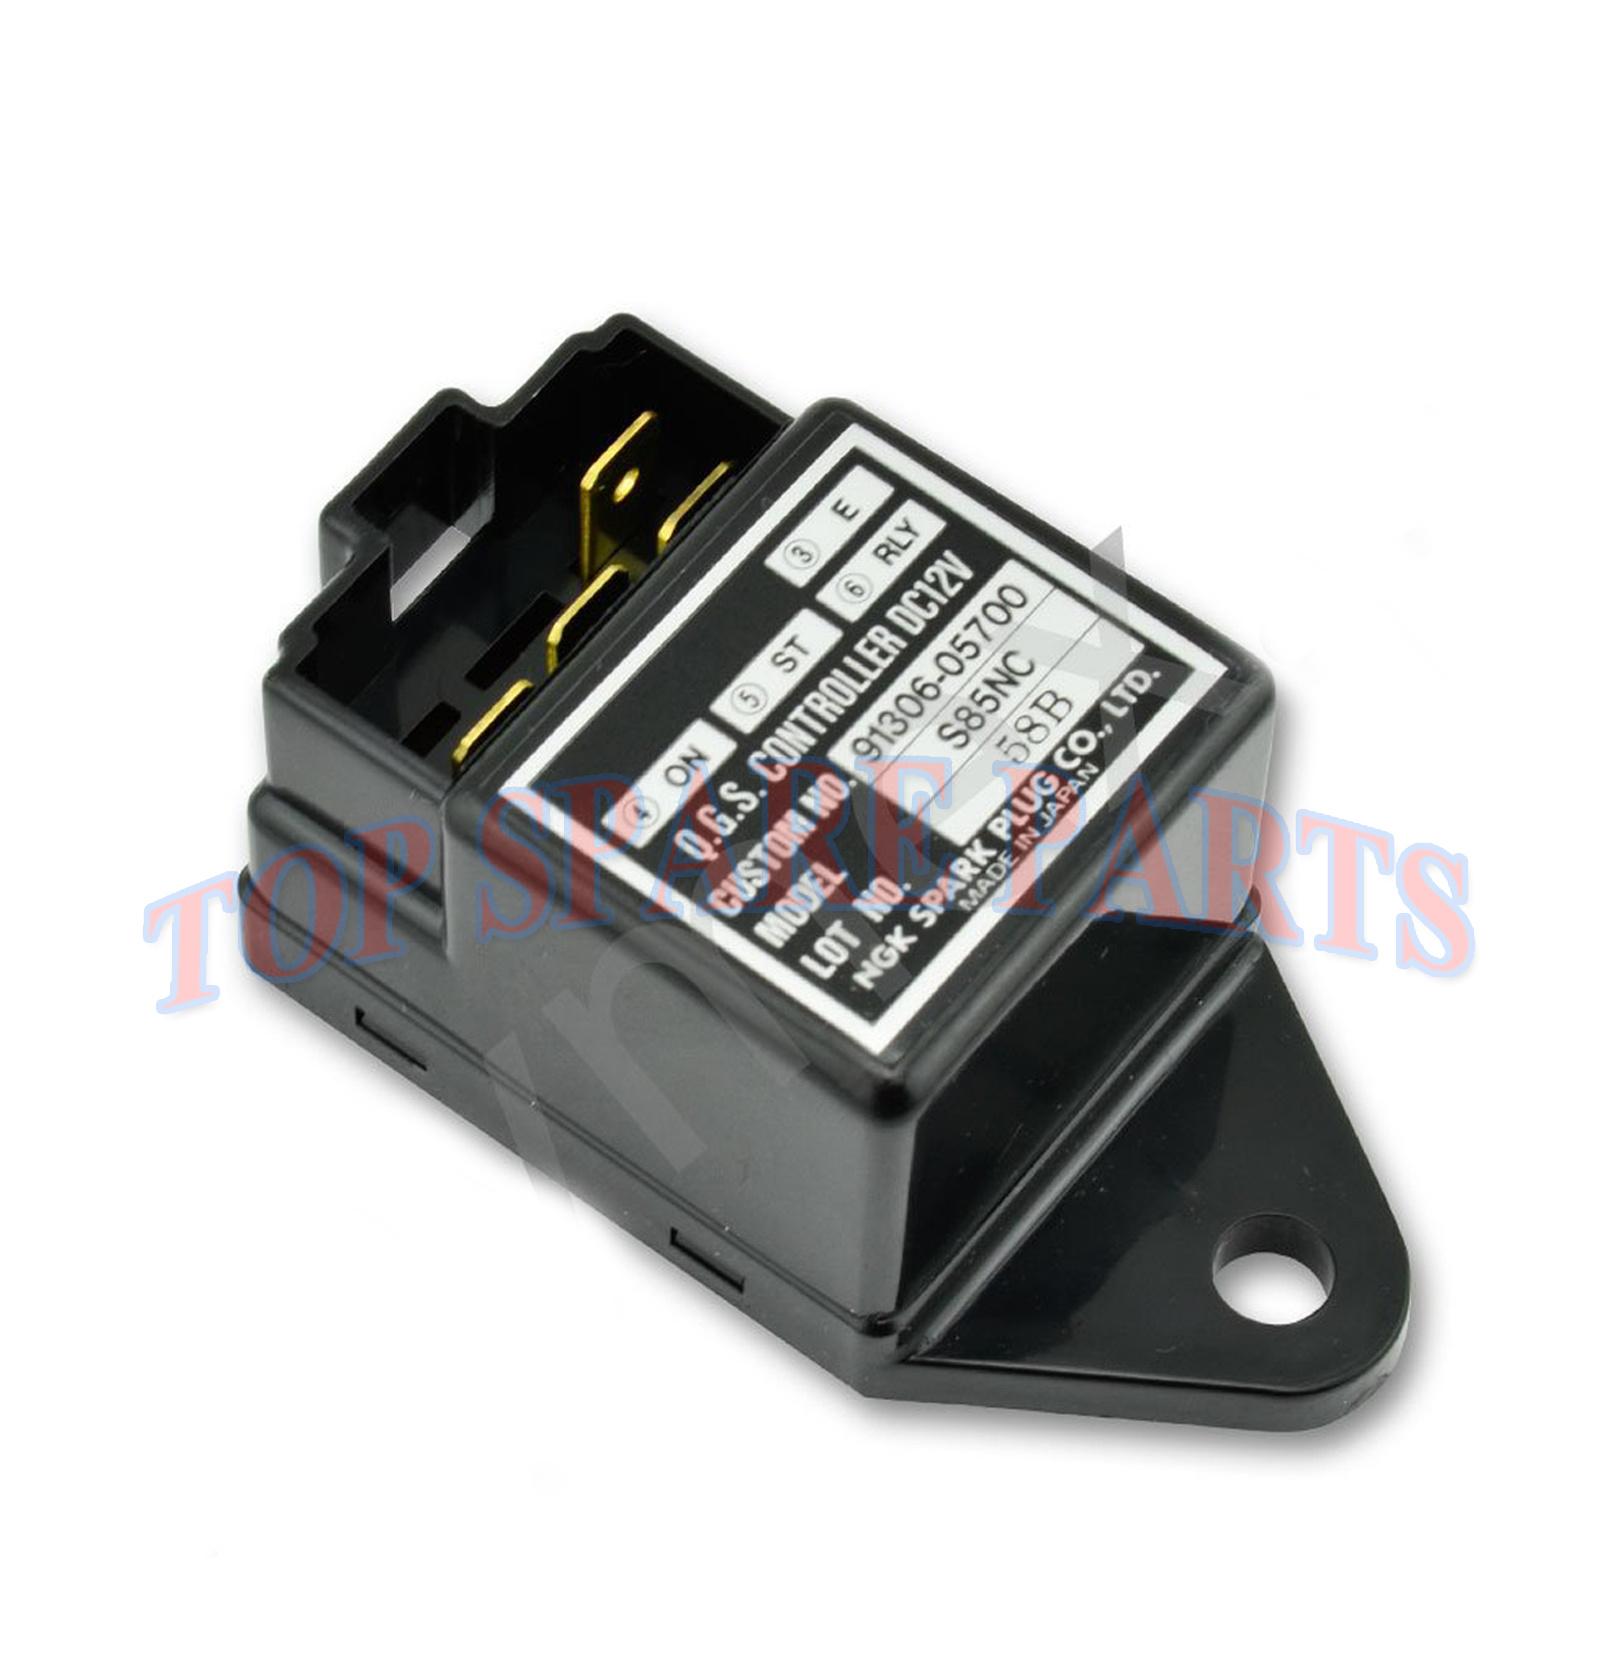 YIHE 12V Timer Relay MM431762 for Lamptimer NGK S85NR Mitsubishi K3A K3B K3C K3D Engine